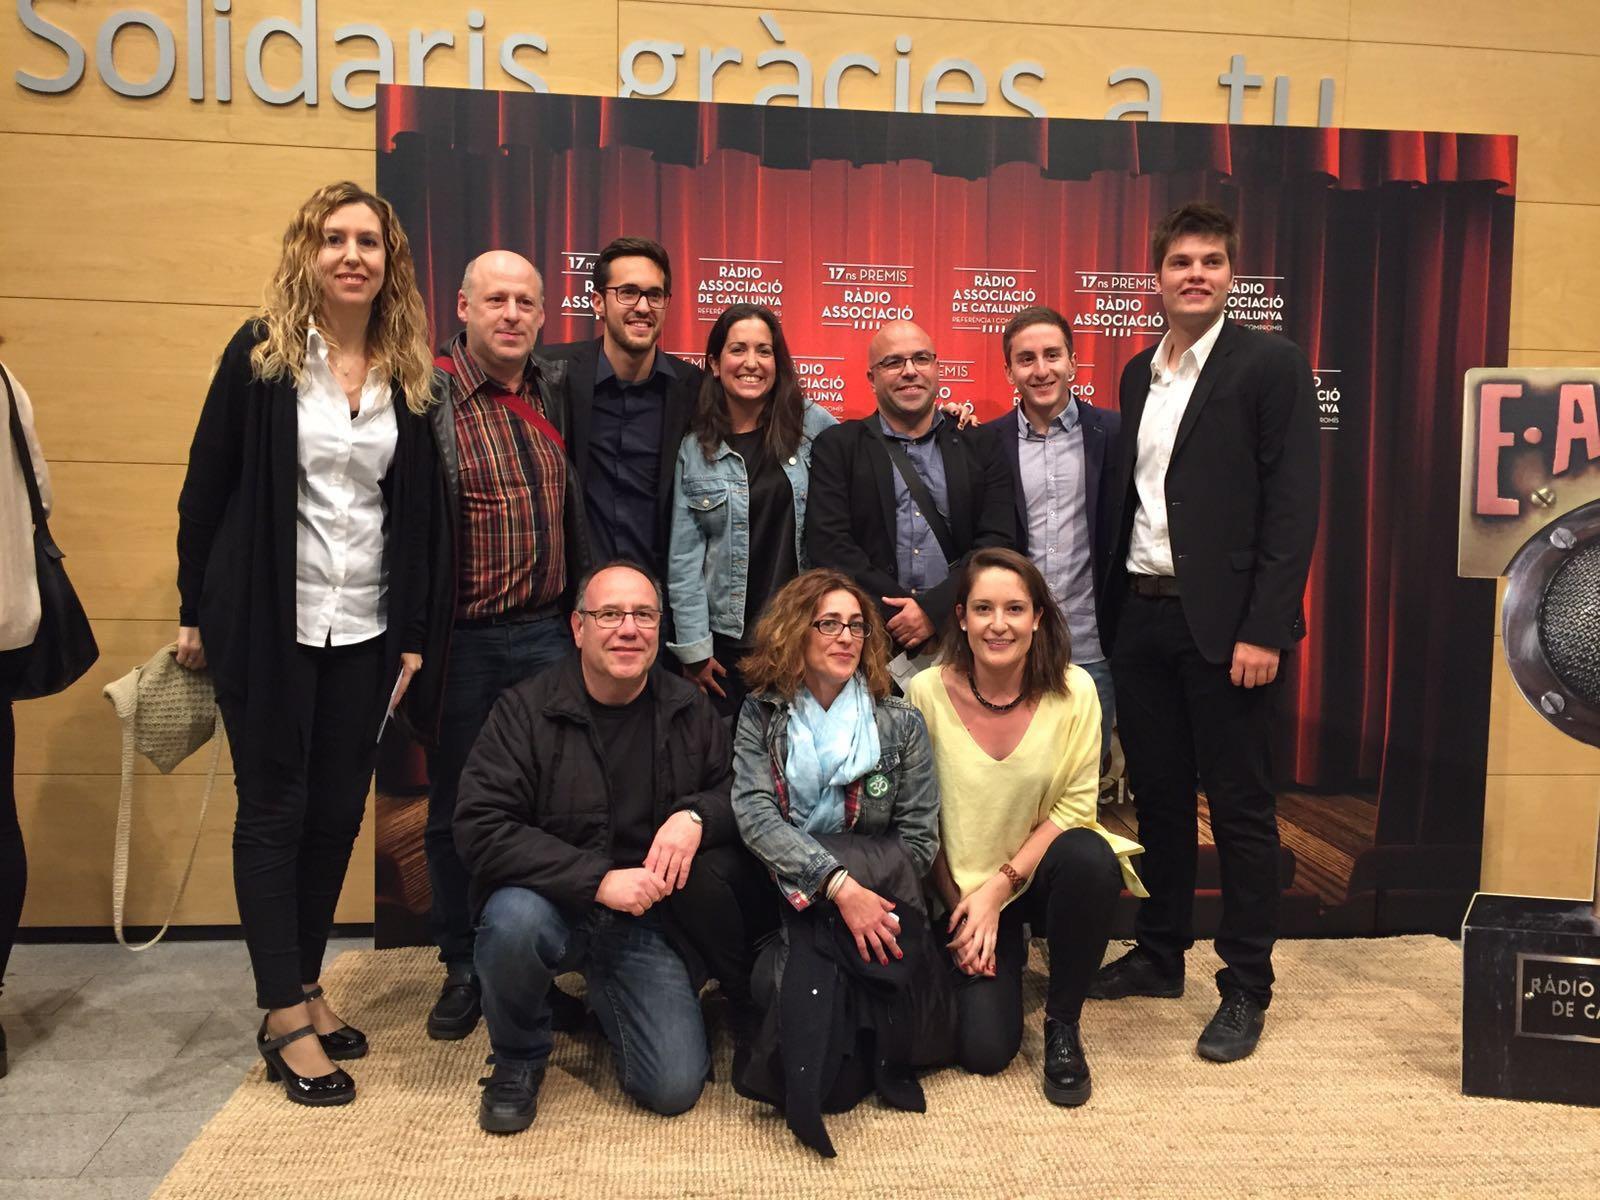 Ràdio Olot acomiada la temporada 2016-2017, la més especial dels últims anys